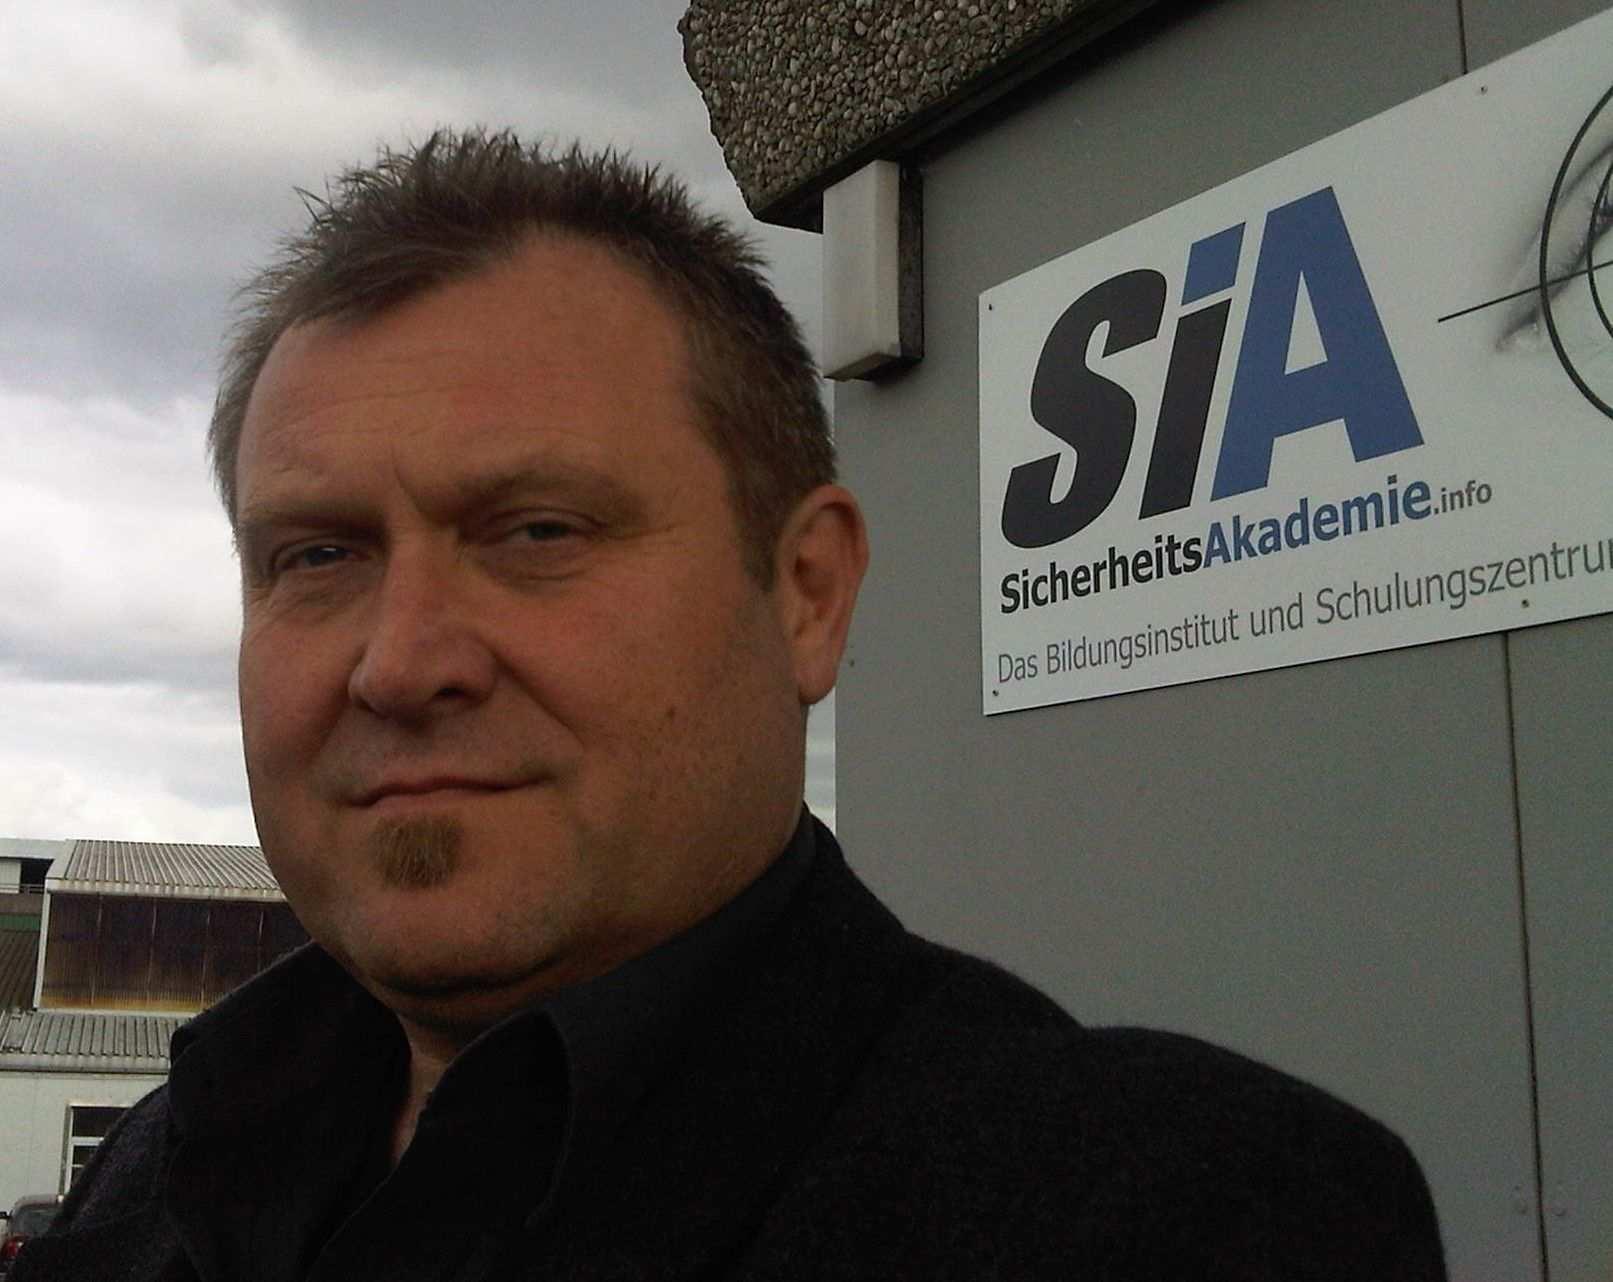 Jan Lederer Inhaber Und Lizenzgeber Der Marke Sia Sicherheitsakademie Vor Der Damaligen Niederlassung In Kiel Sachkundeprufung Sachkunde Weiterbildung